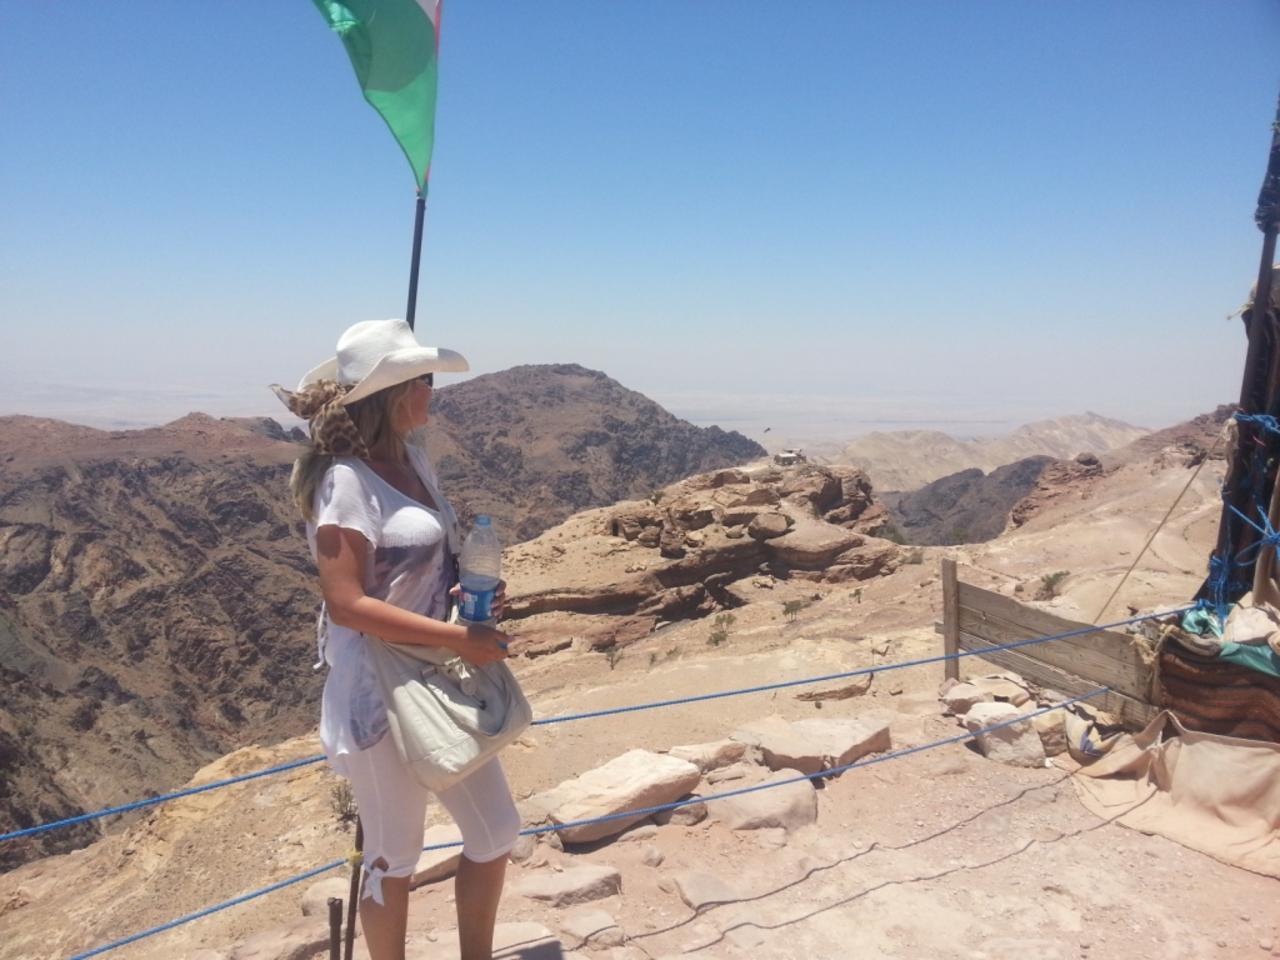 randevú hölgyek Ammanban poligámia társkereső ingyenes